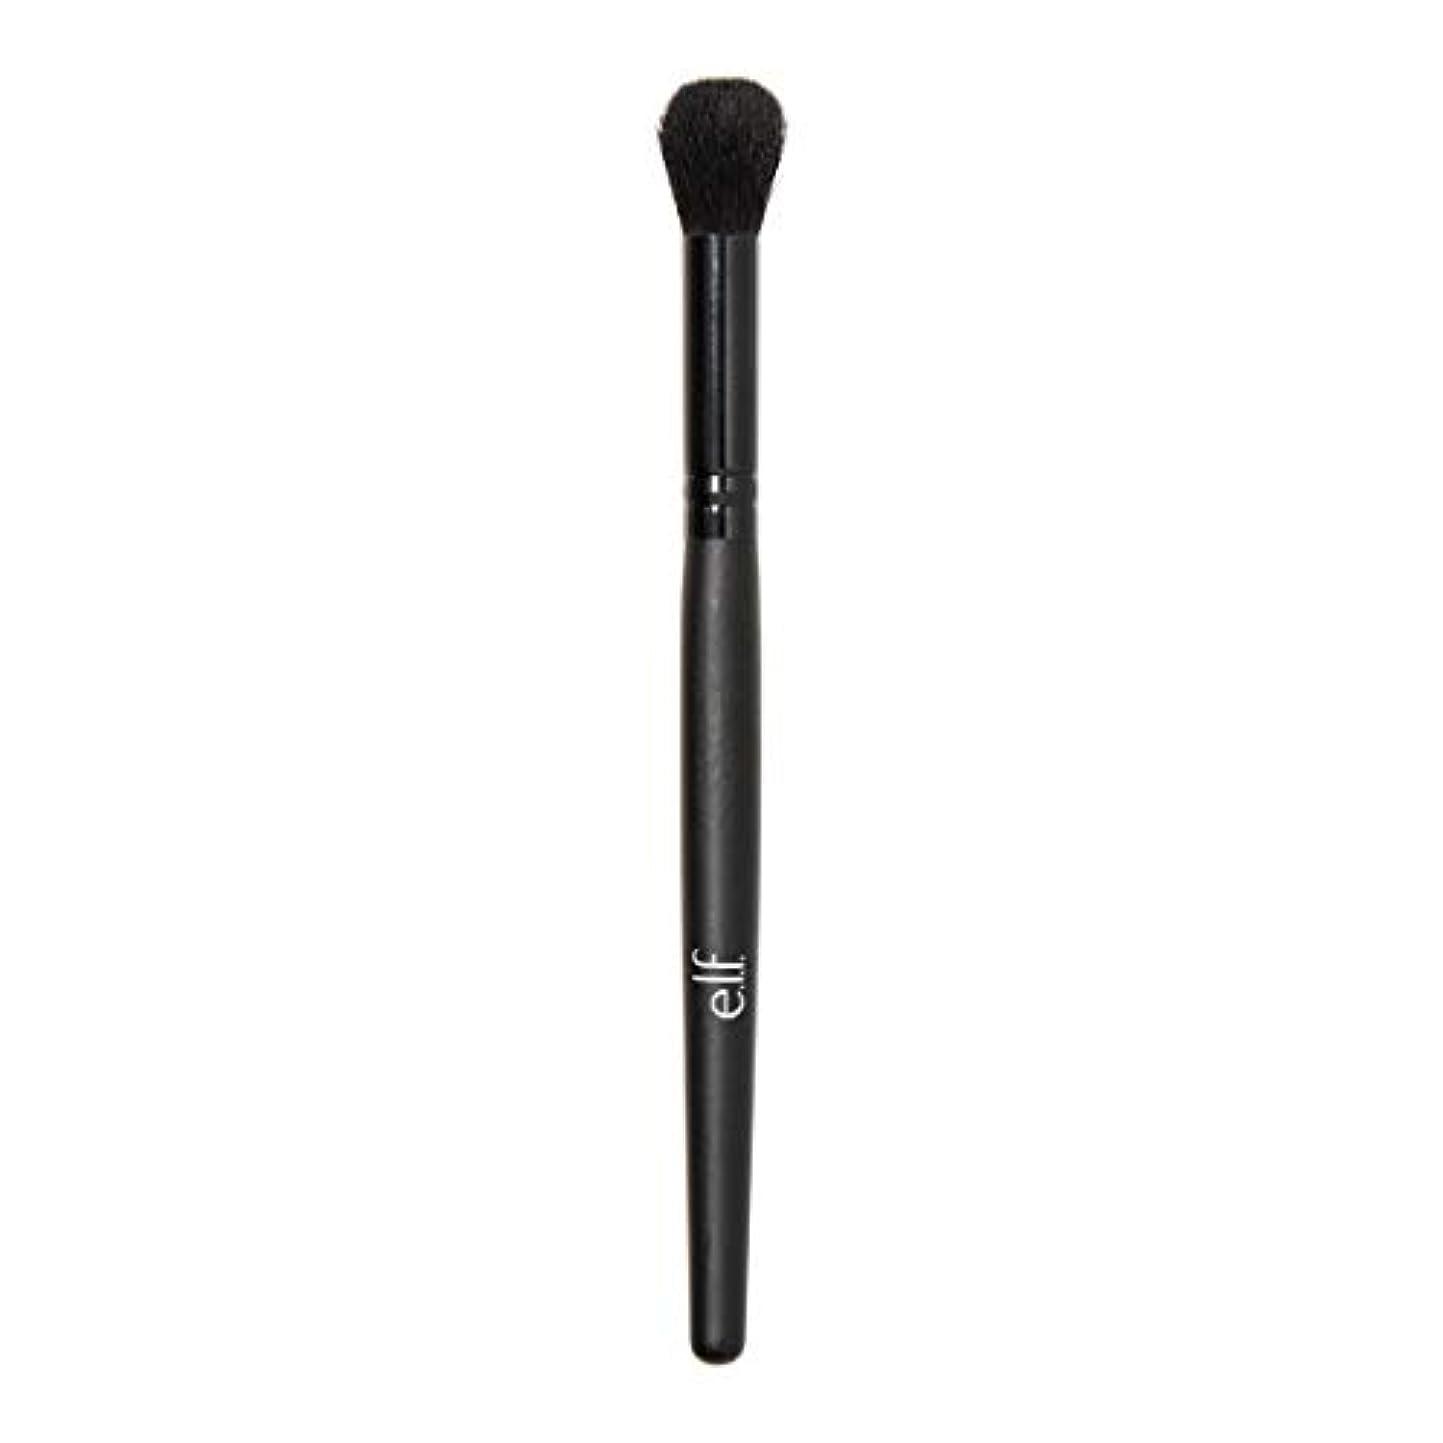 主人スライム生産性e.l.f. Studio Flawless Concealer Brush Flawless Concealer Brush (並行輸入品)